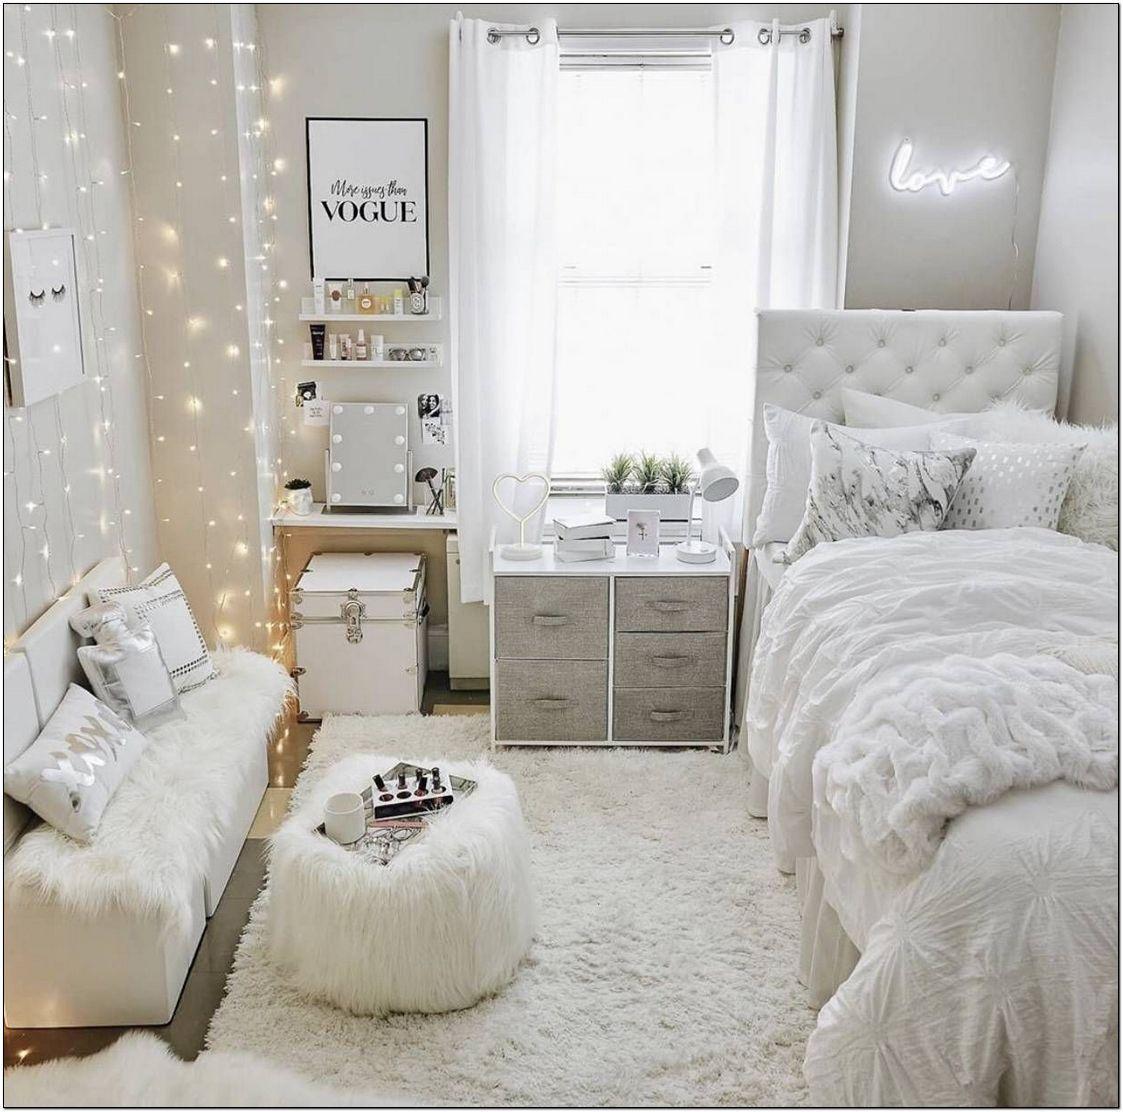 100 Outrageous Vsco Room Ideas White Small Tips 10 - houseinspira